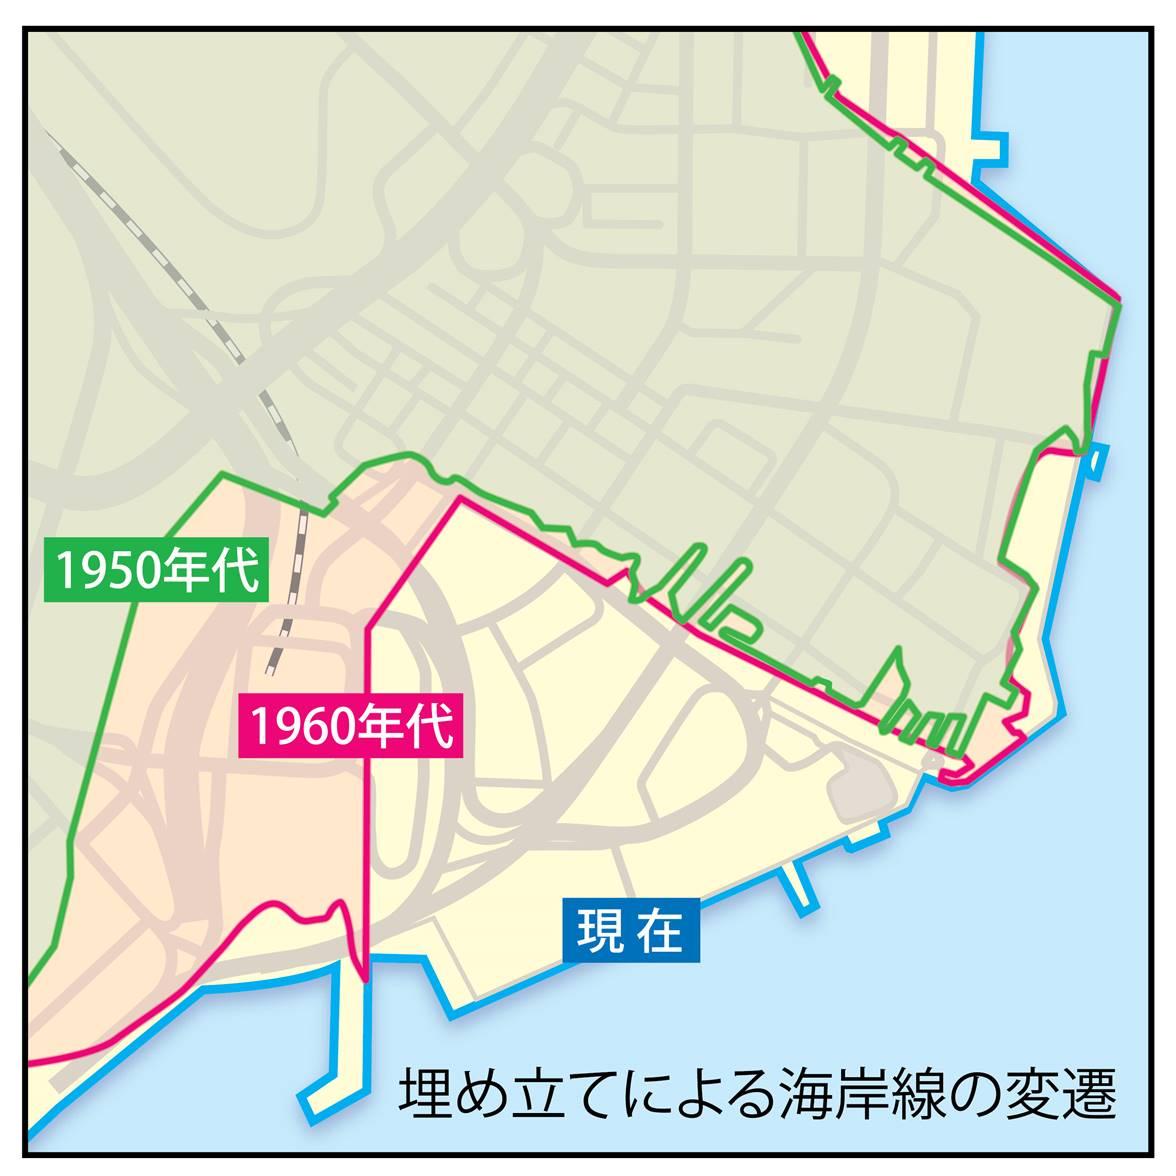 ホンハム(紅磡)Map 2